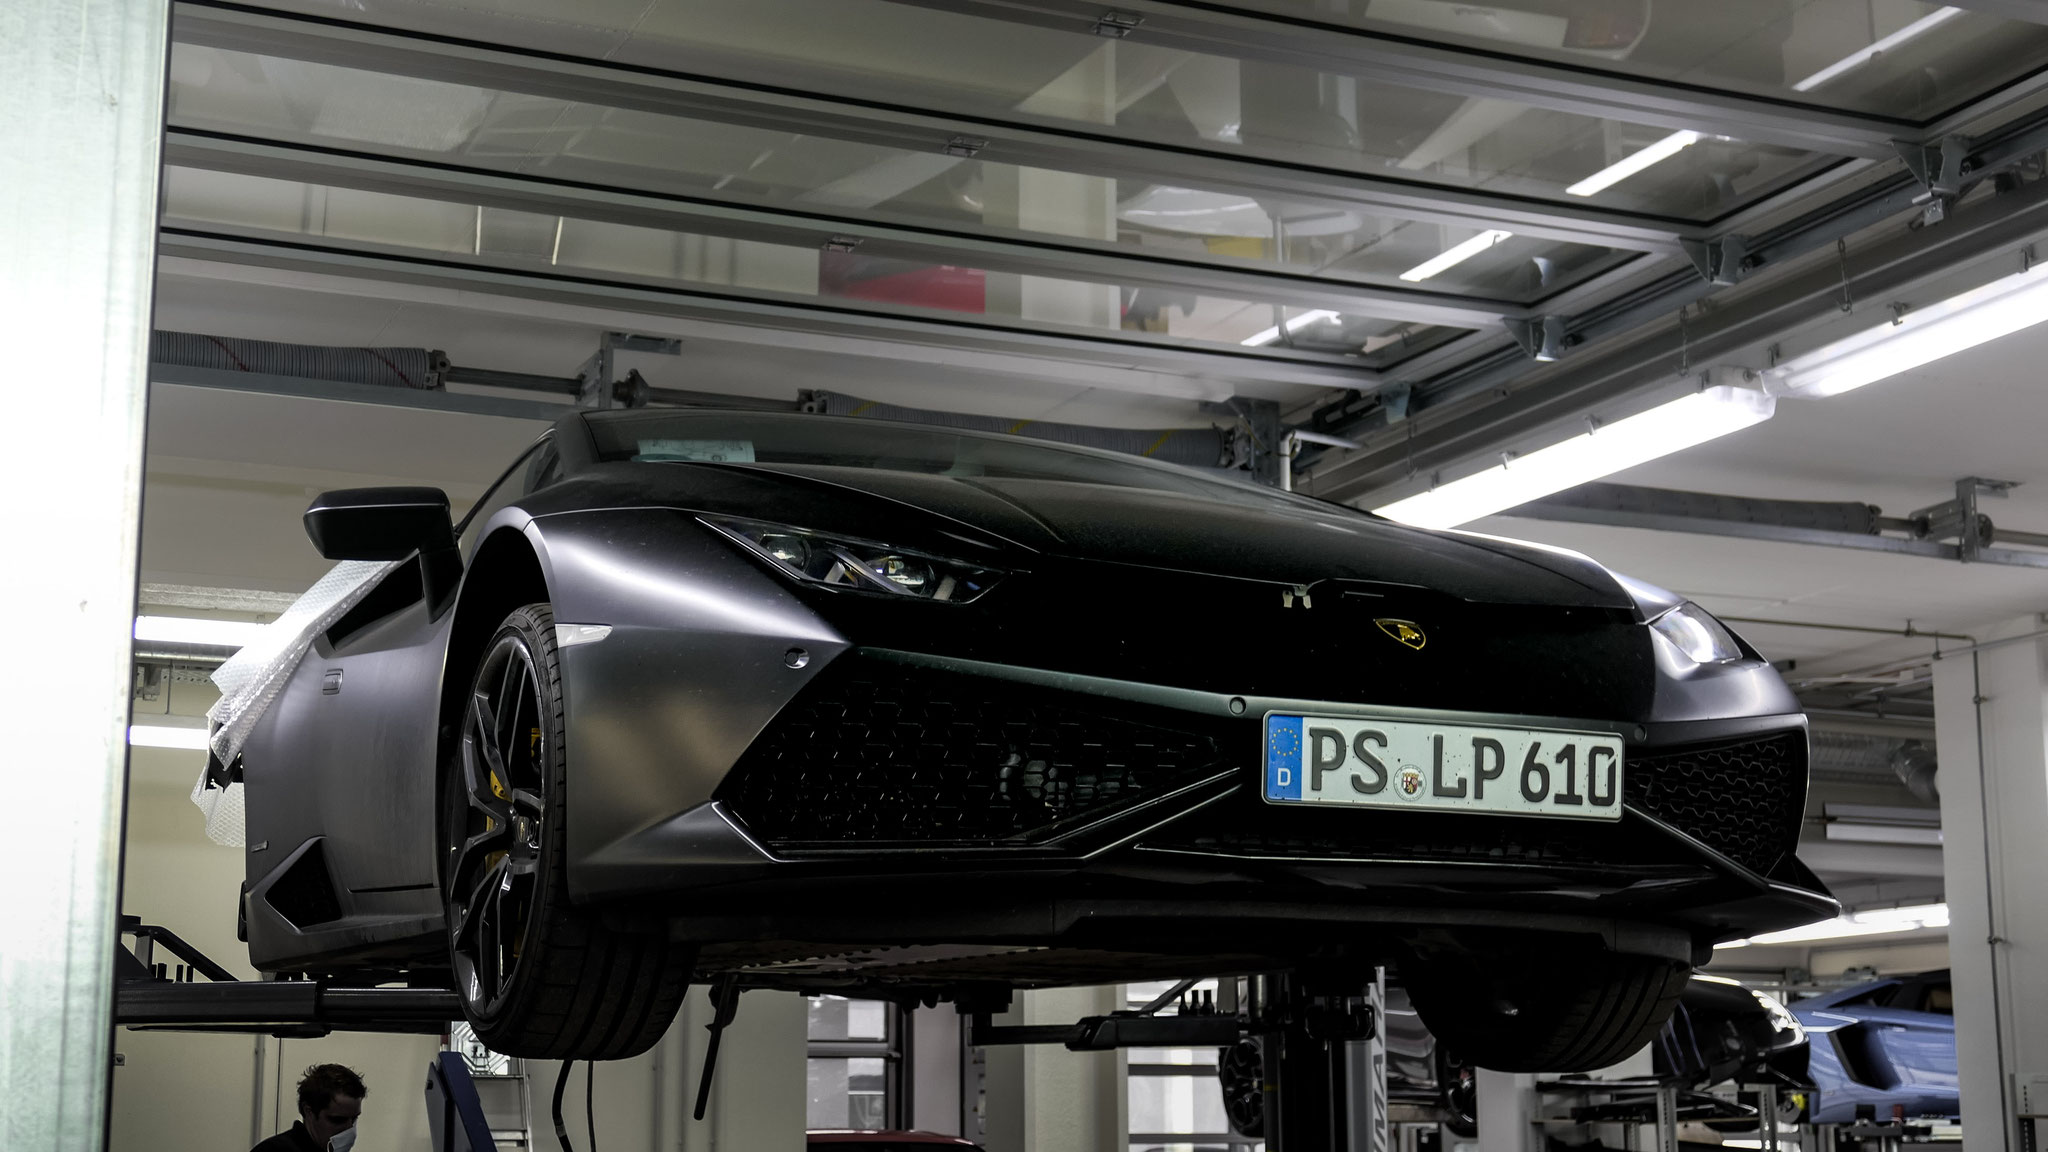 Lamborghini Huracan - PS-LP-610